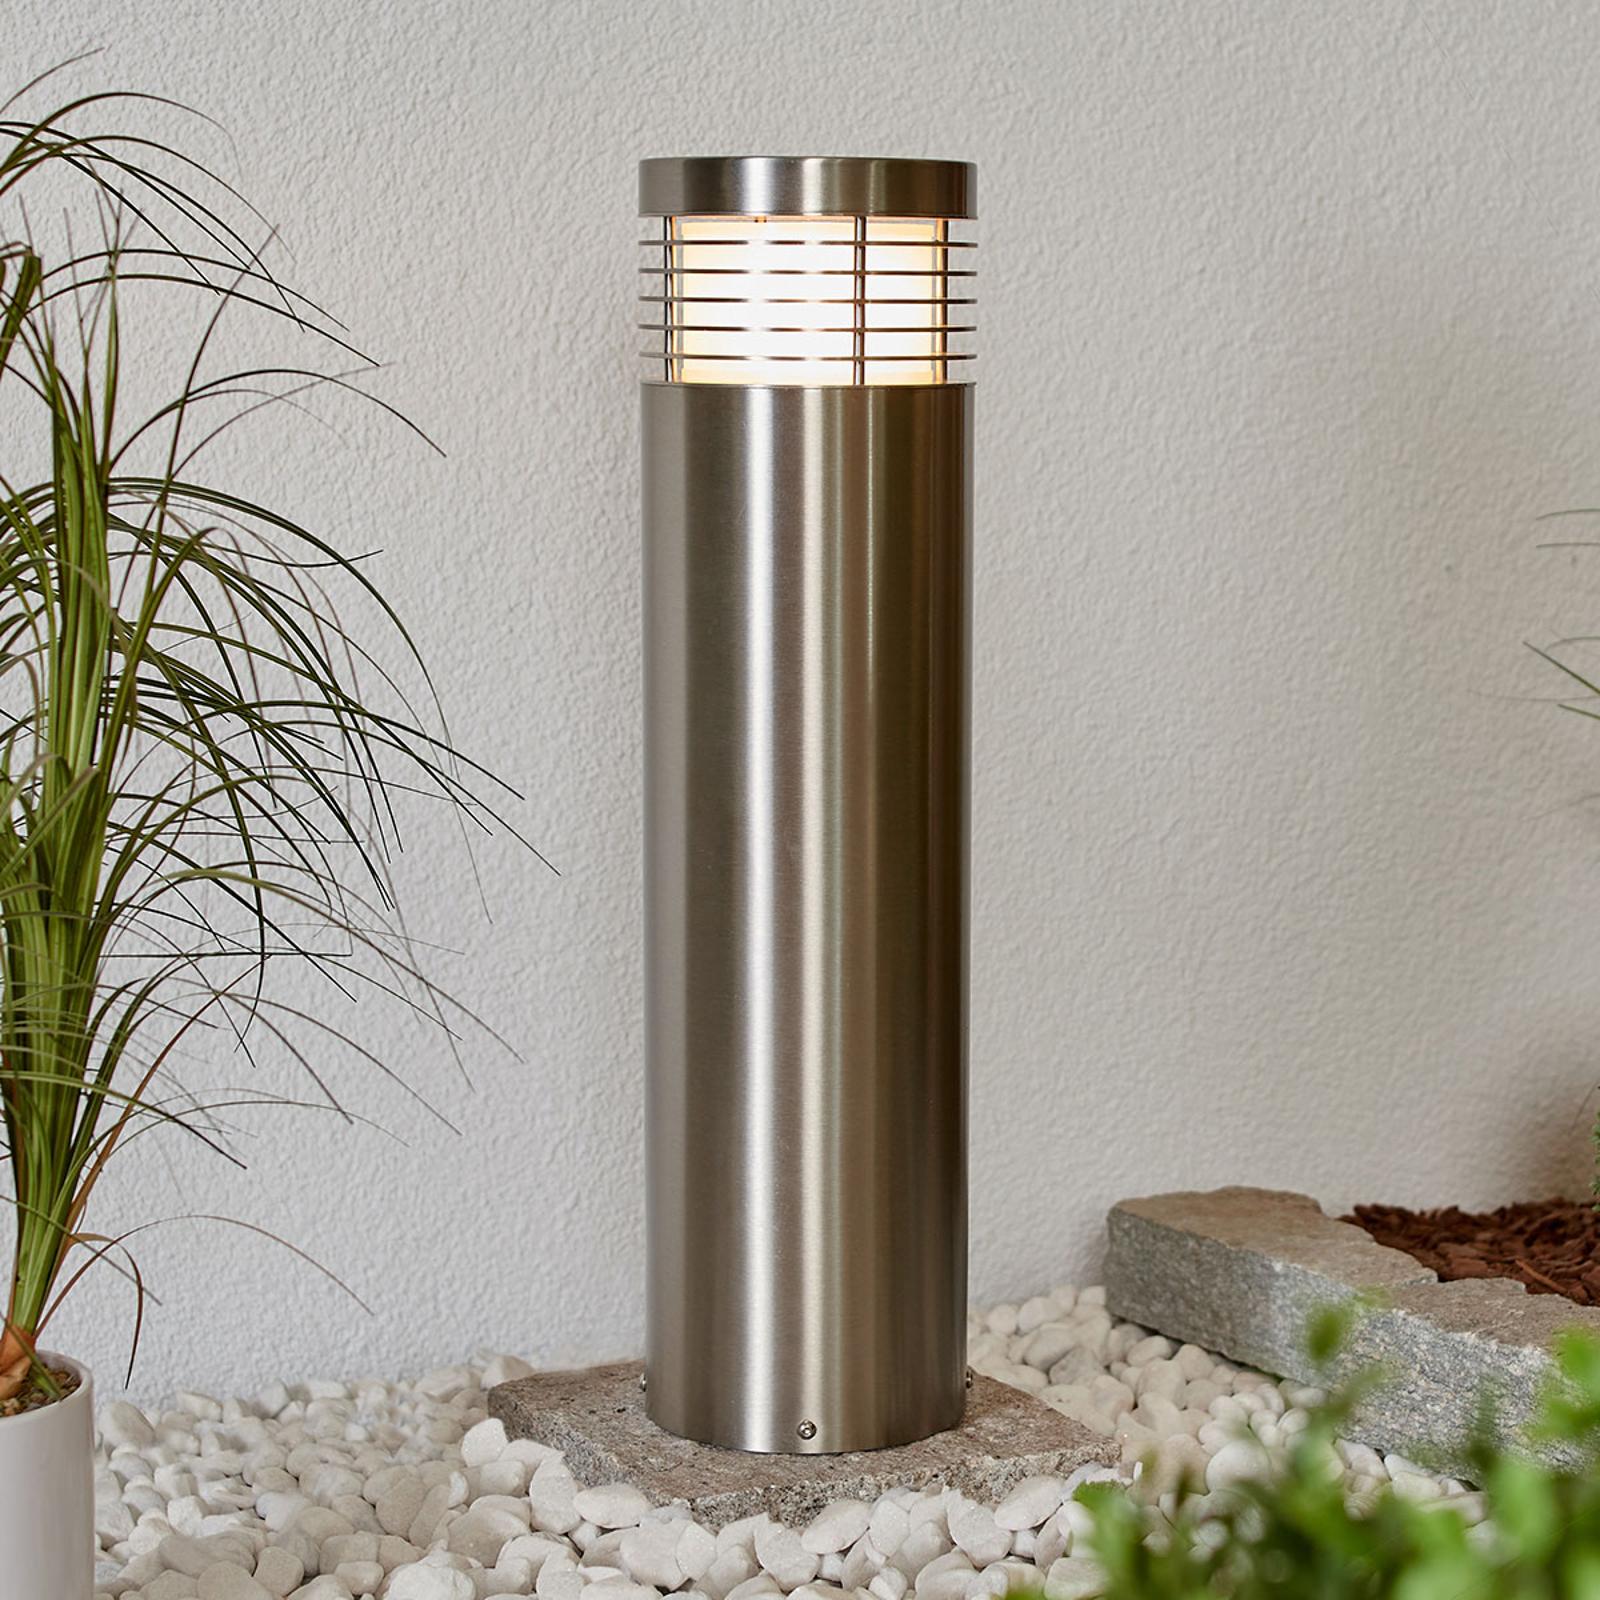 Veilampe Tomita, rustfritt stål V2A, 60cm